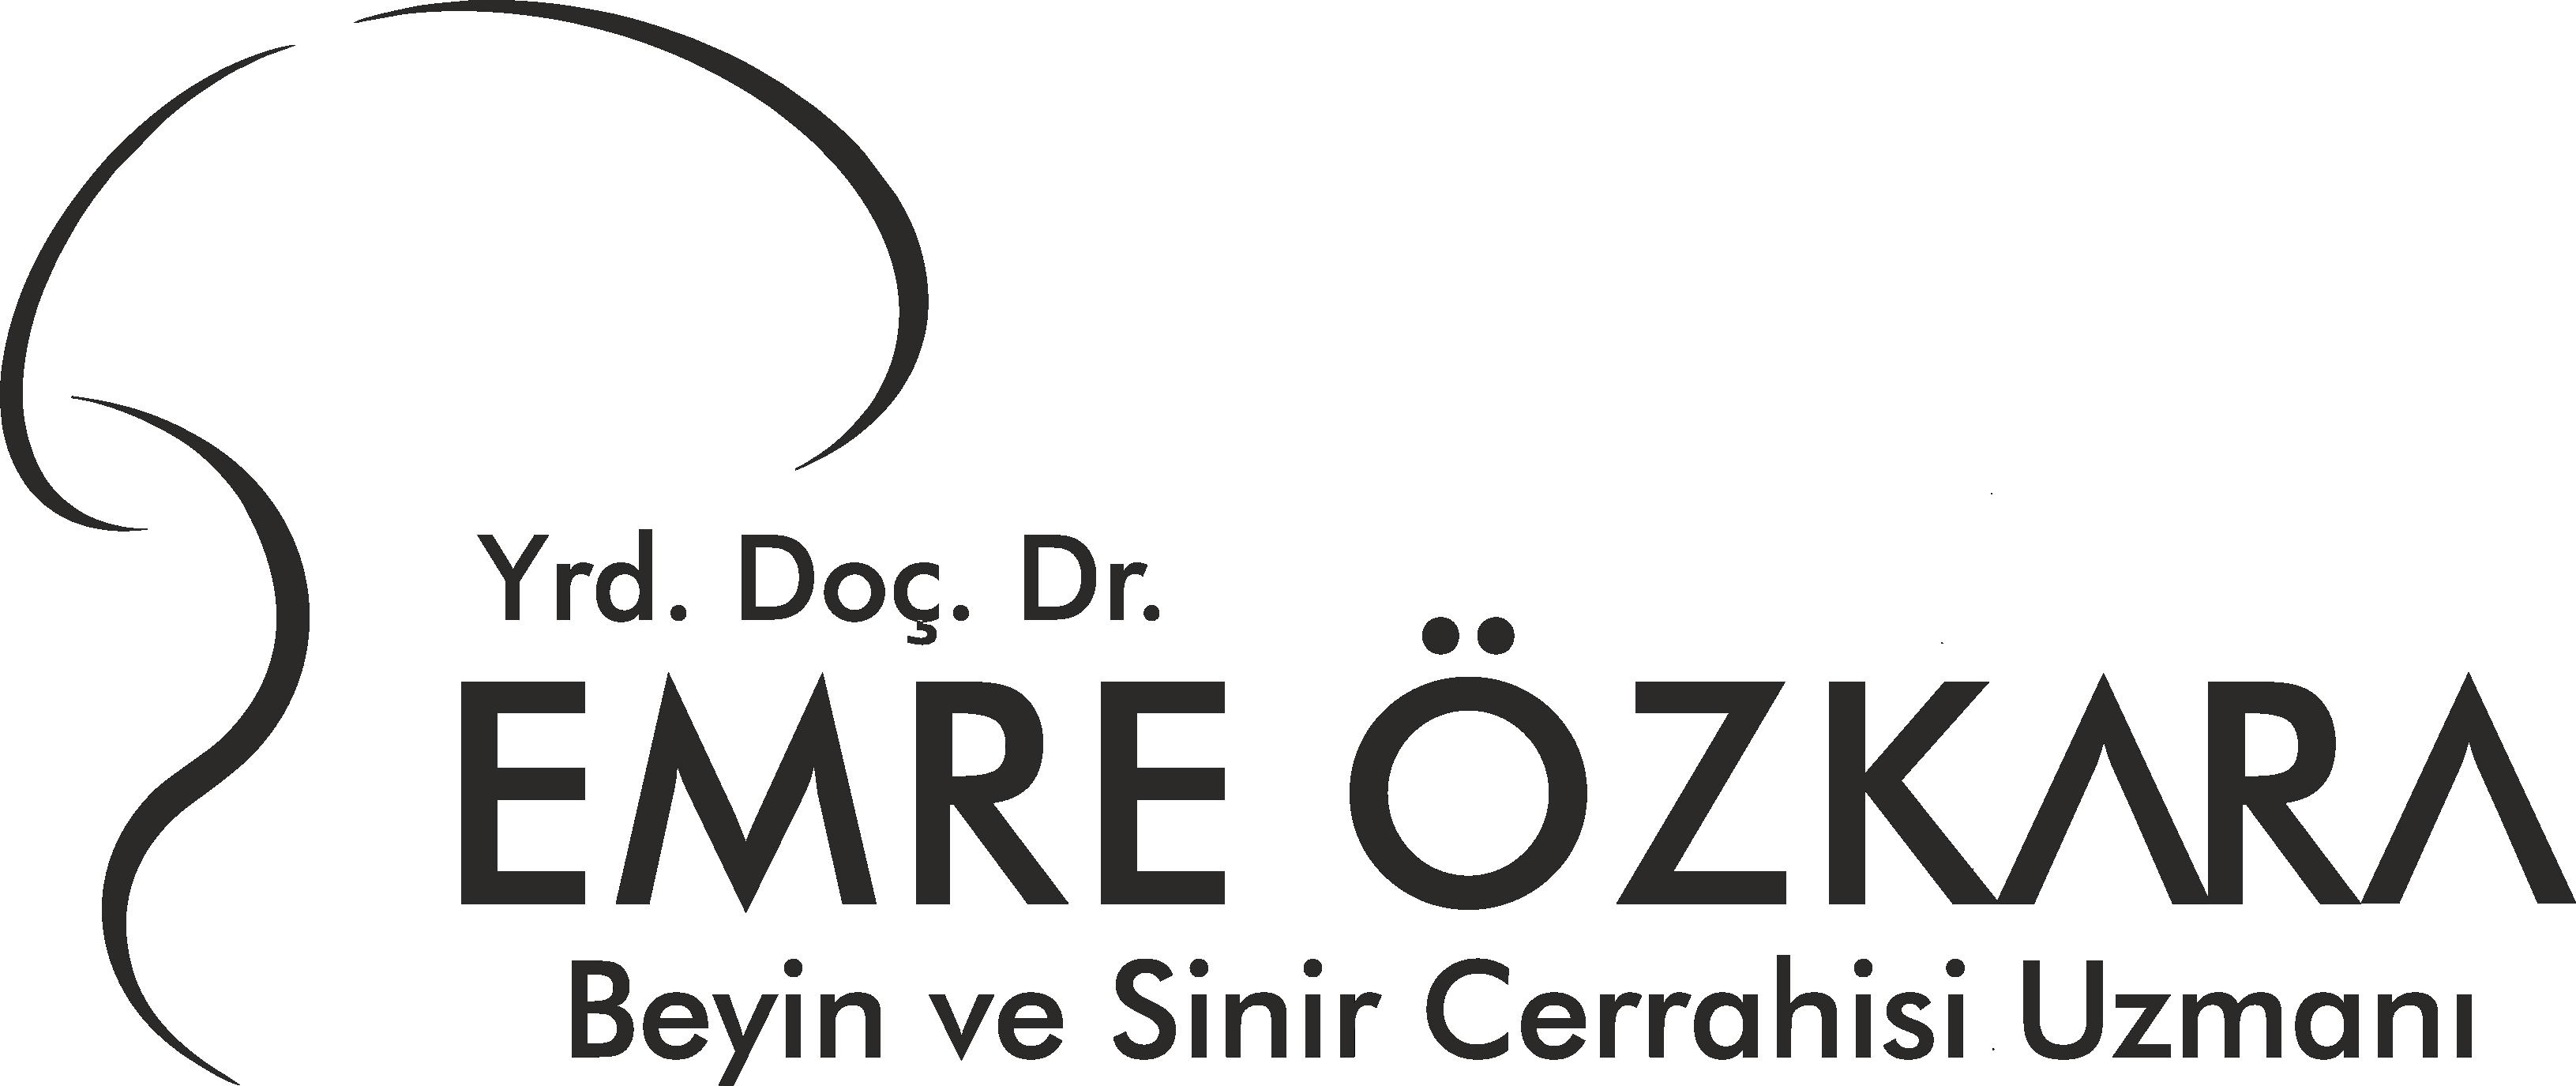 emre_ozkara_logo_zeon